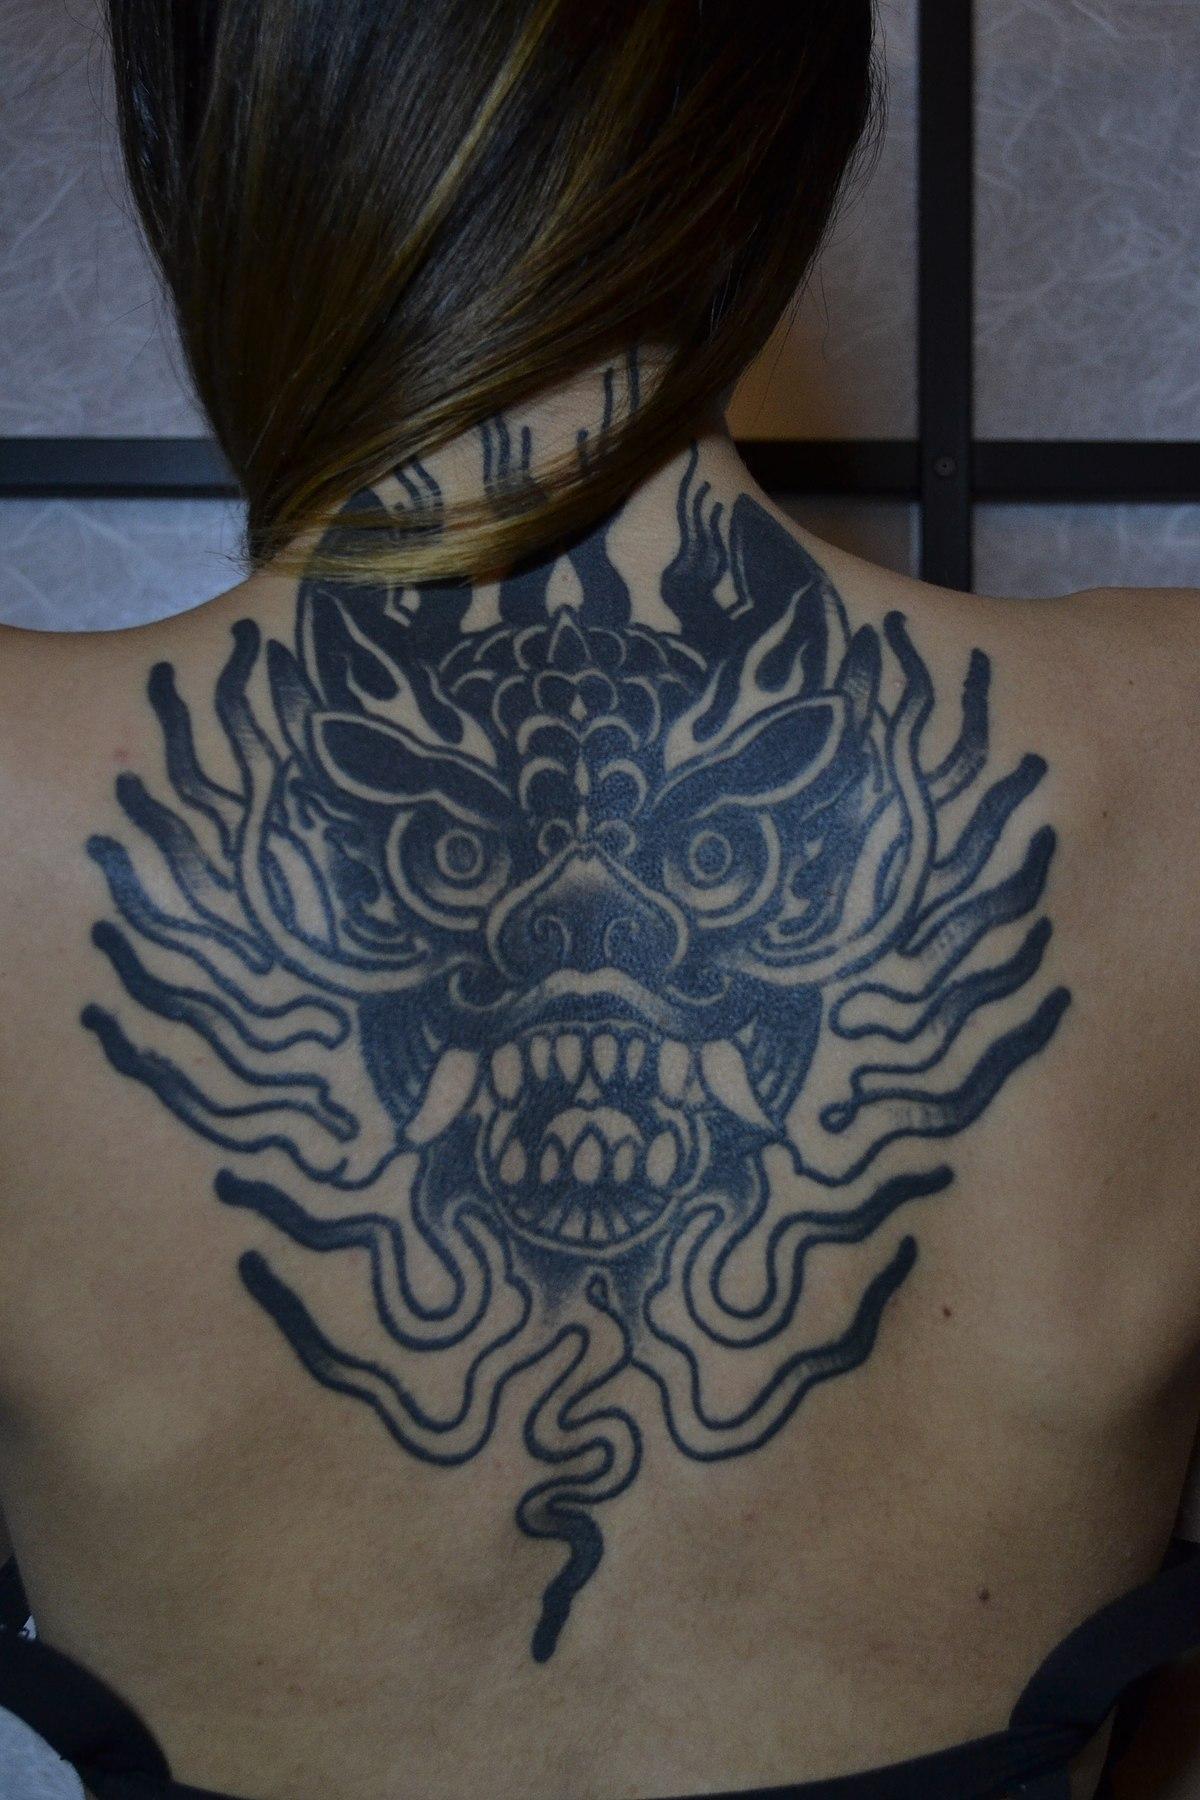 tatuaggio wikizionario